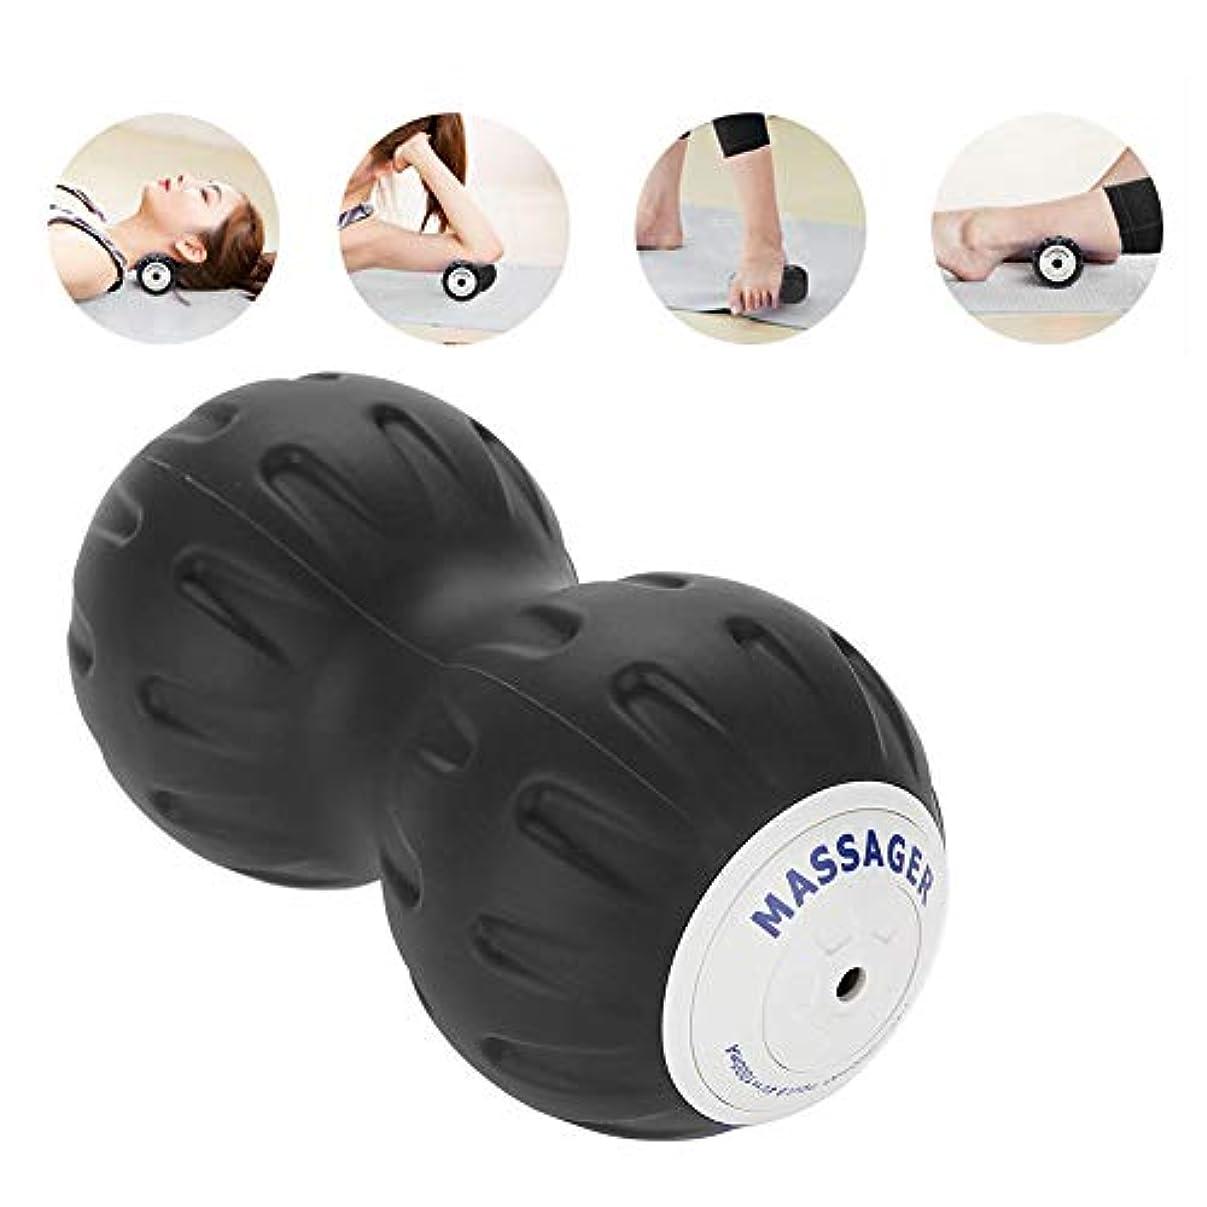 あいまいなスペイン例示するピーナッツマッサージボール、電気二重ラクロスボール3スピード高輝度ヨガ枕筋肉リラックス筋膜マッサージローラー(US-Plug)